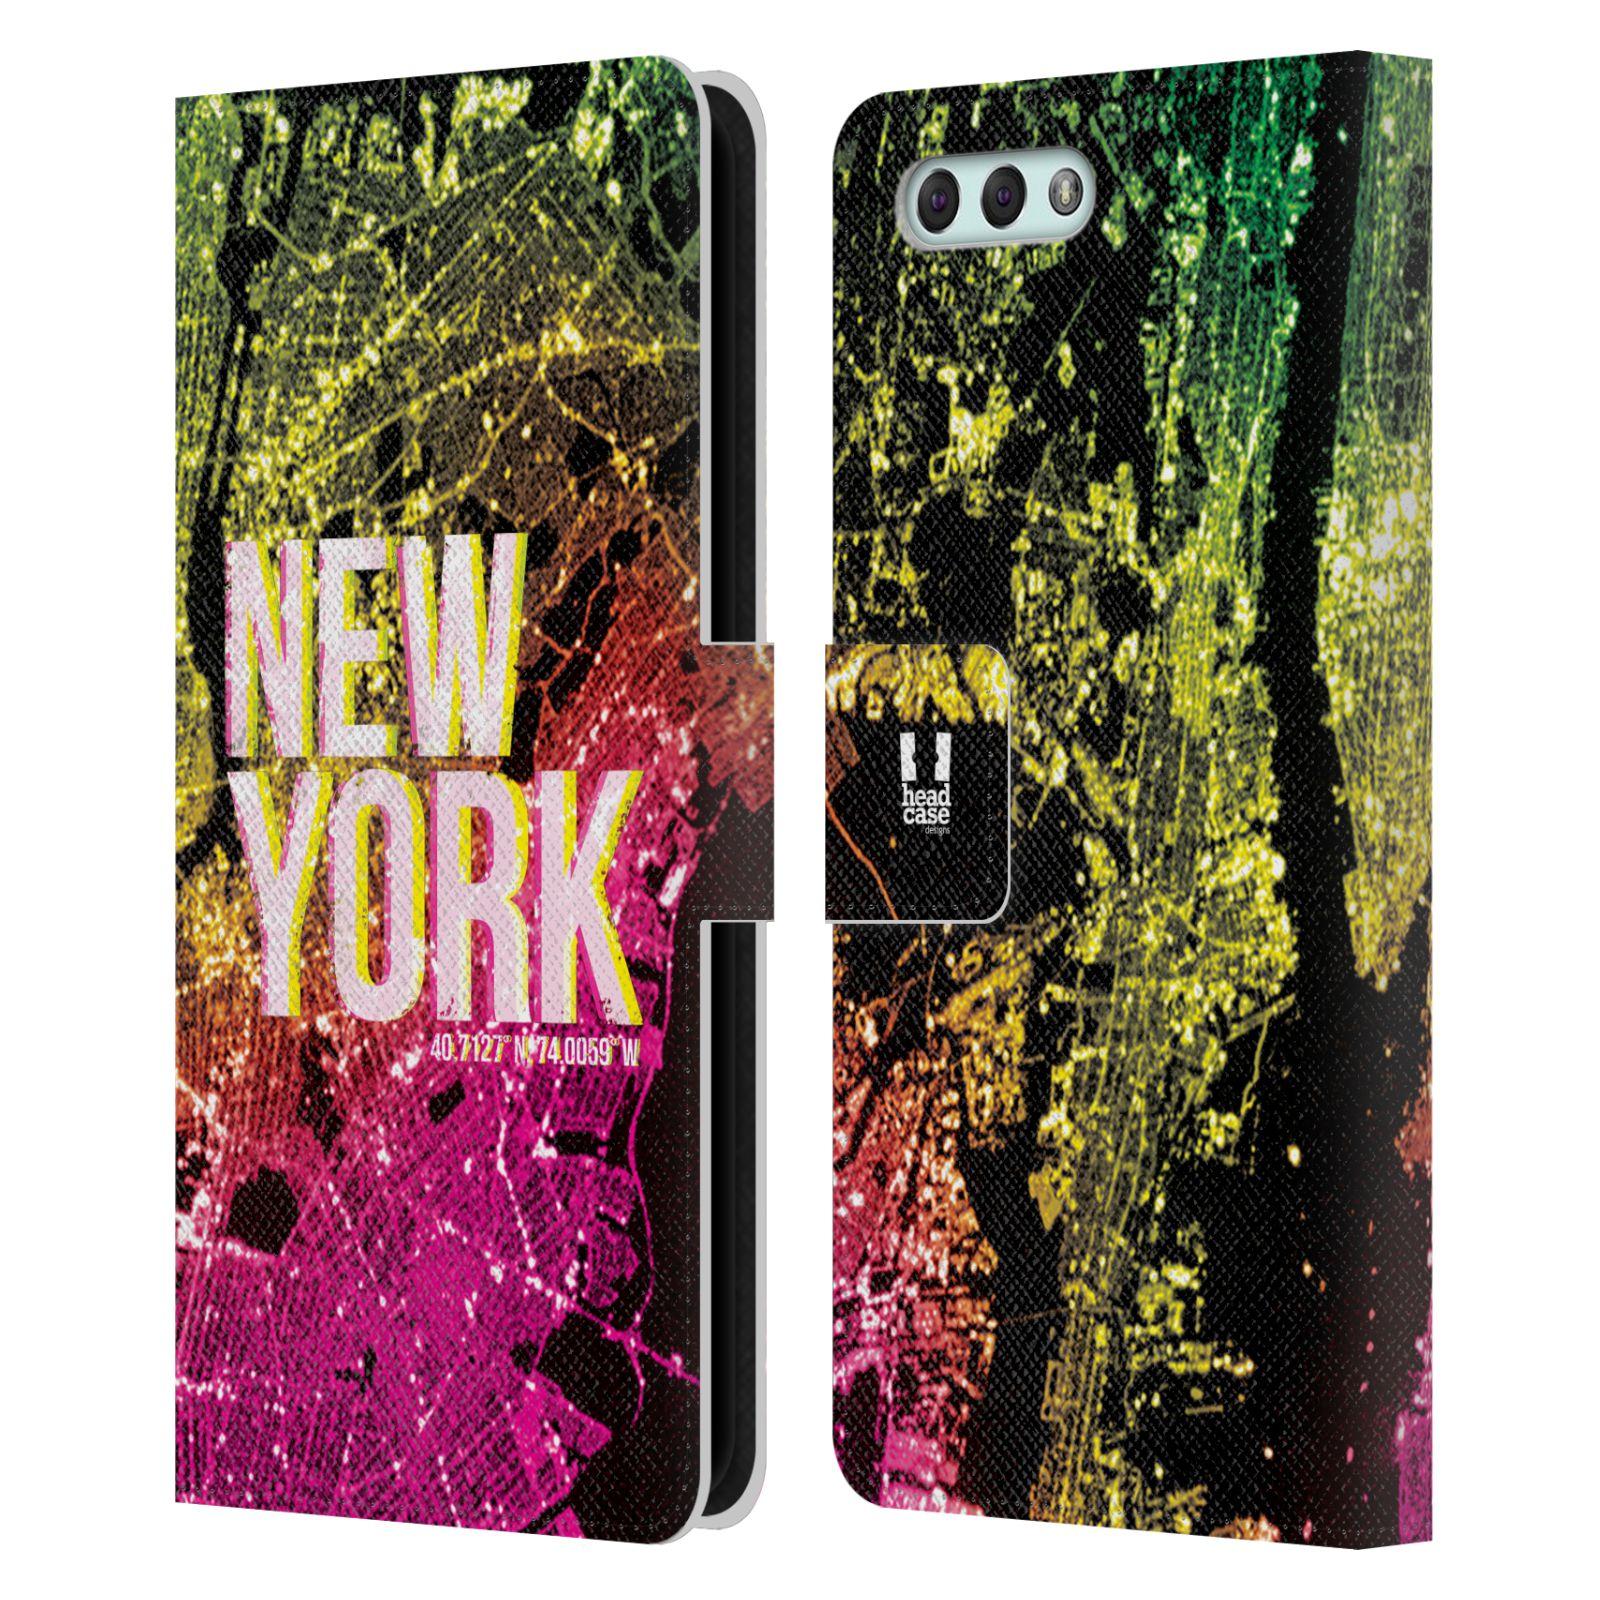 Pouzdro na mobil Asus Zenfone 4 ZE554KL - Head Case - NEW YORK pohled z vesmíru